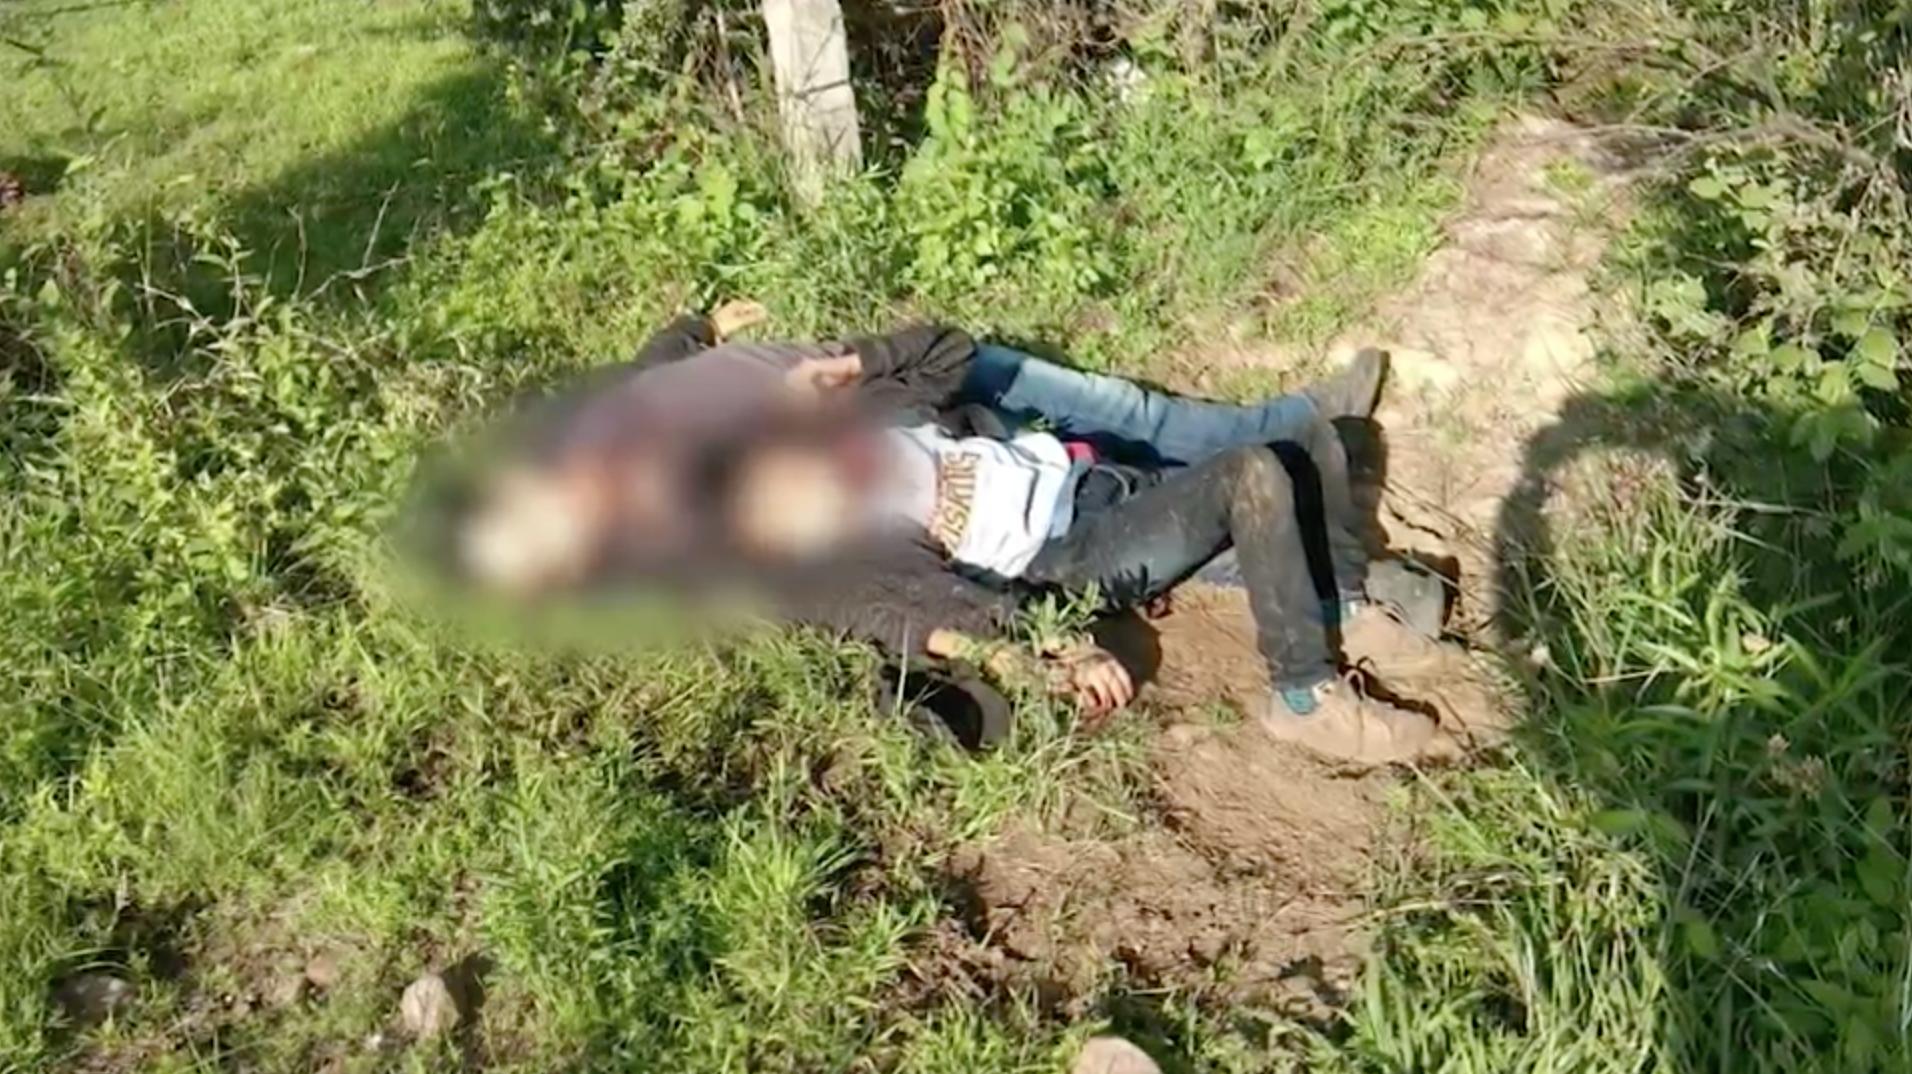 Rescantan en Morelos a niño migrante que se encontraba reposando sobre el cadáver de su padre